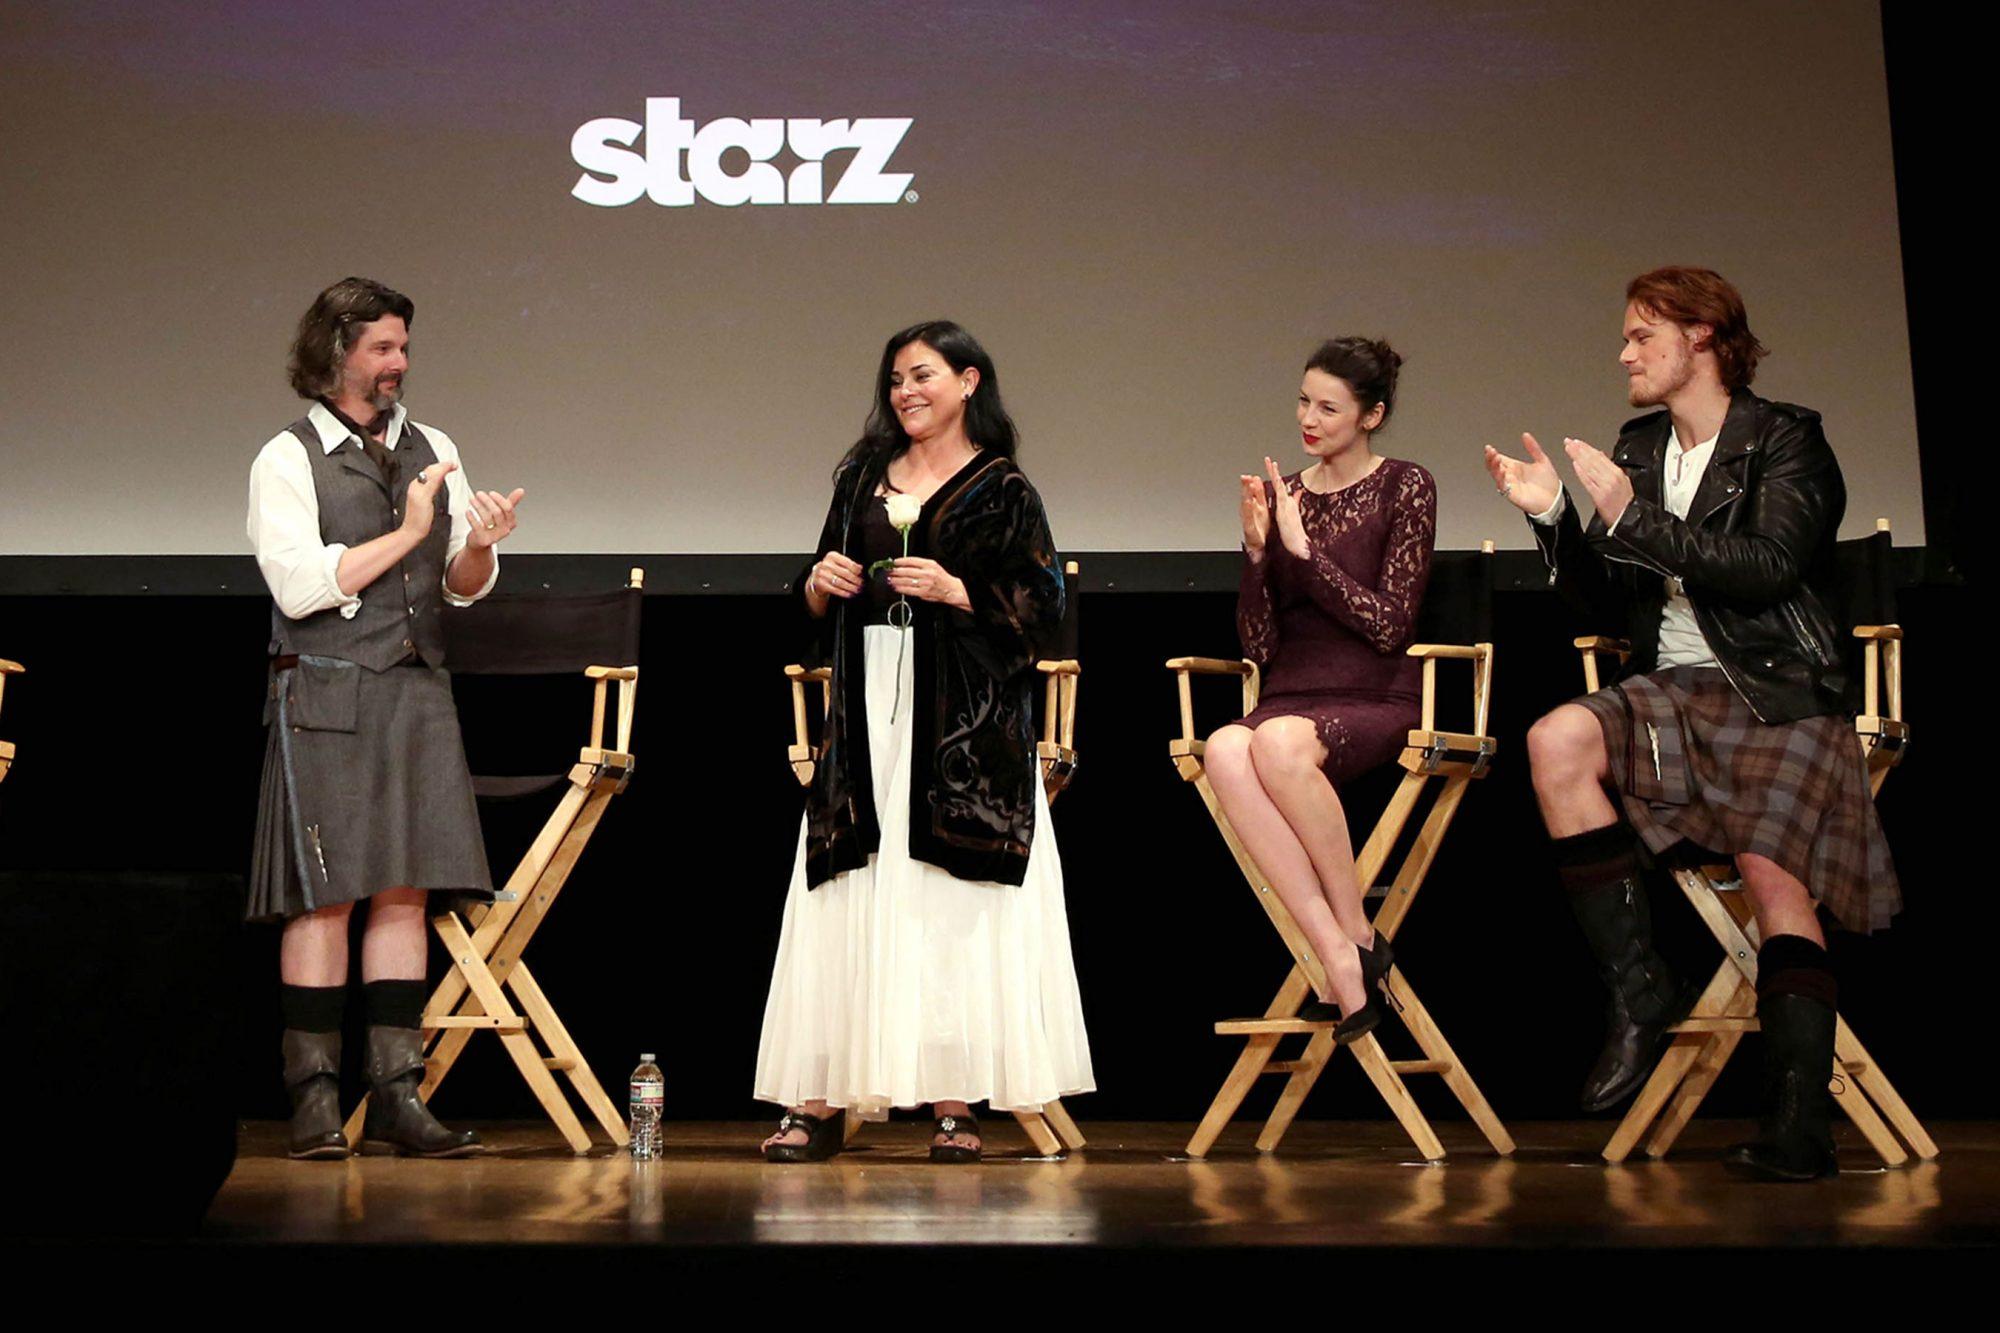 STARZ Outlander Fan Event, Los Angeles, USA - 11 Jan 2014